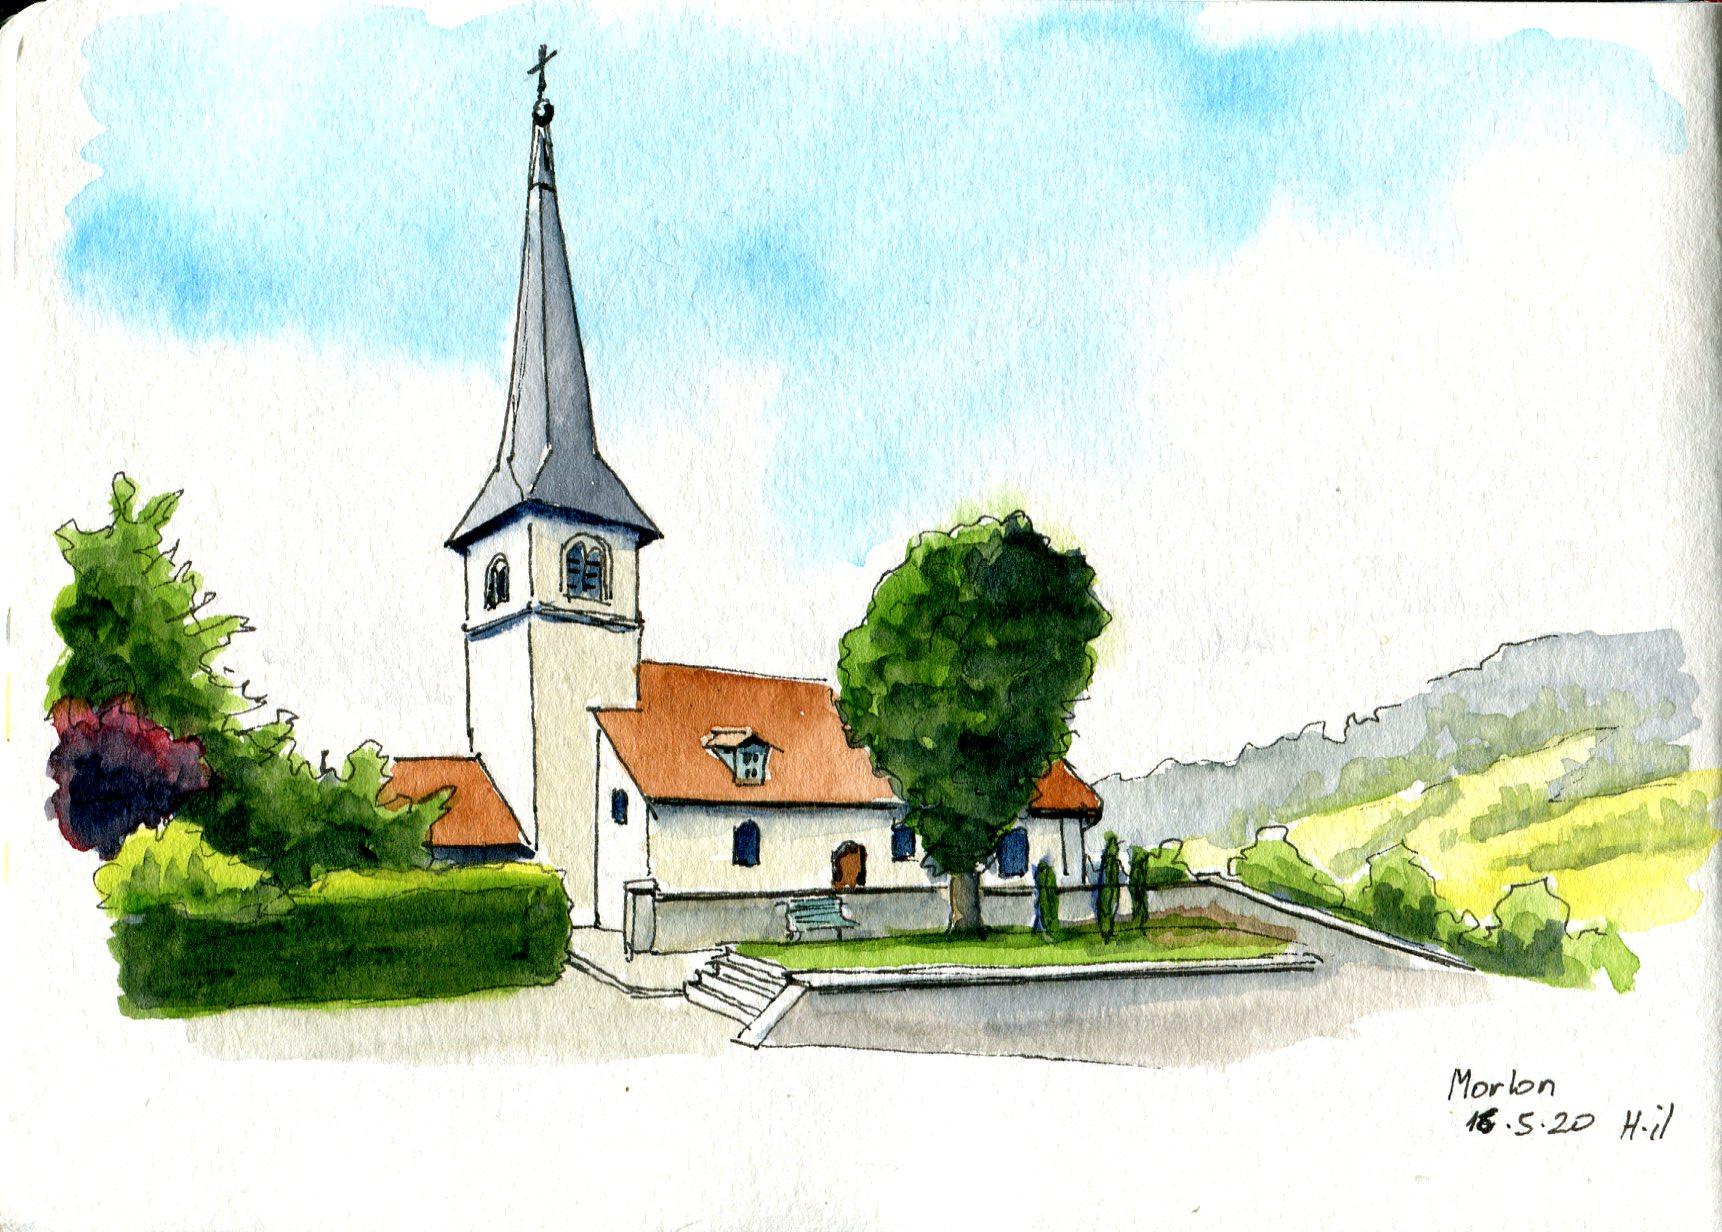 Eglise Morlon072